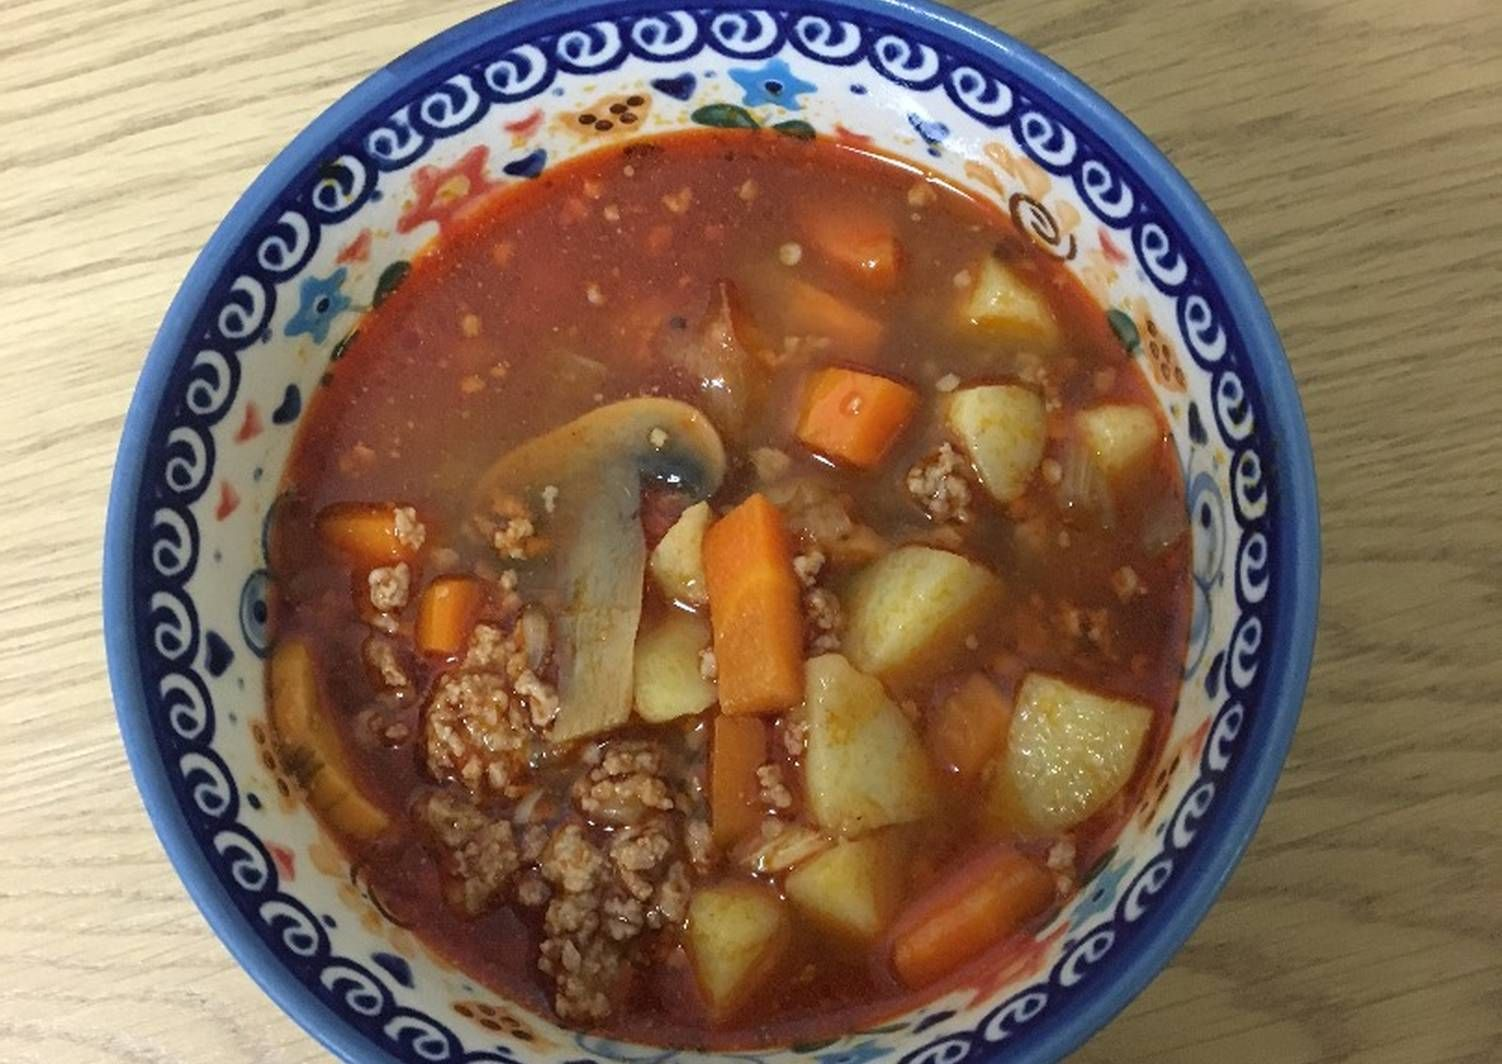 Czech Goulash Soup Recipe By Nina Recipe Goulash Soup Recipes Goulash Recipes Czech Recipes